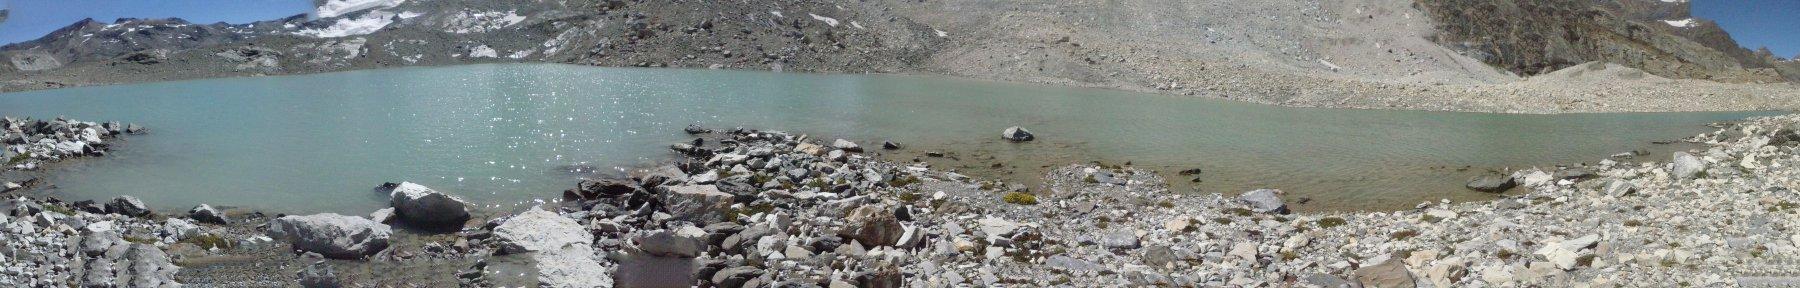 l'estensione del lago  ....